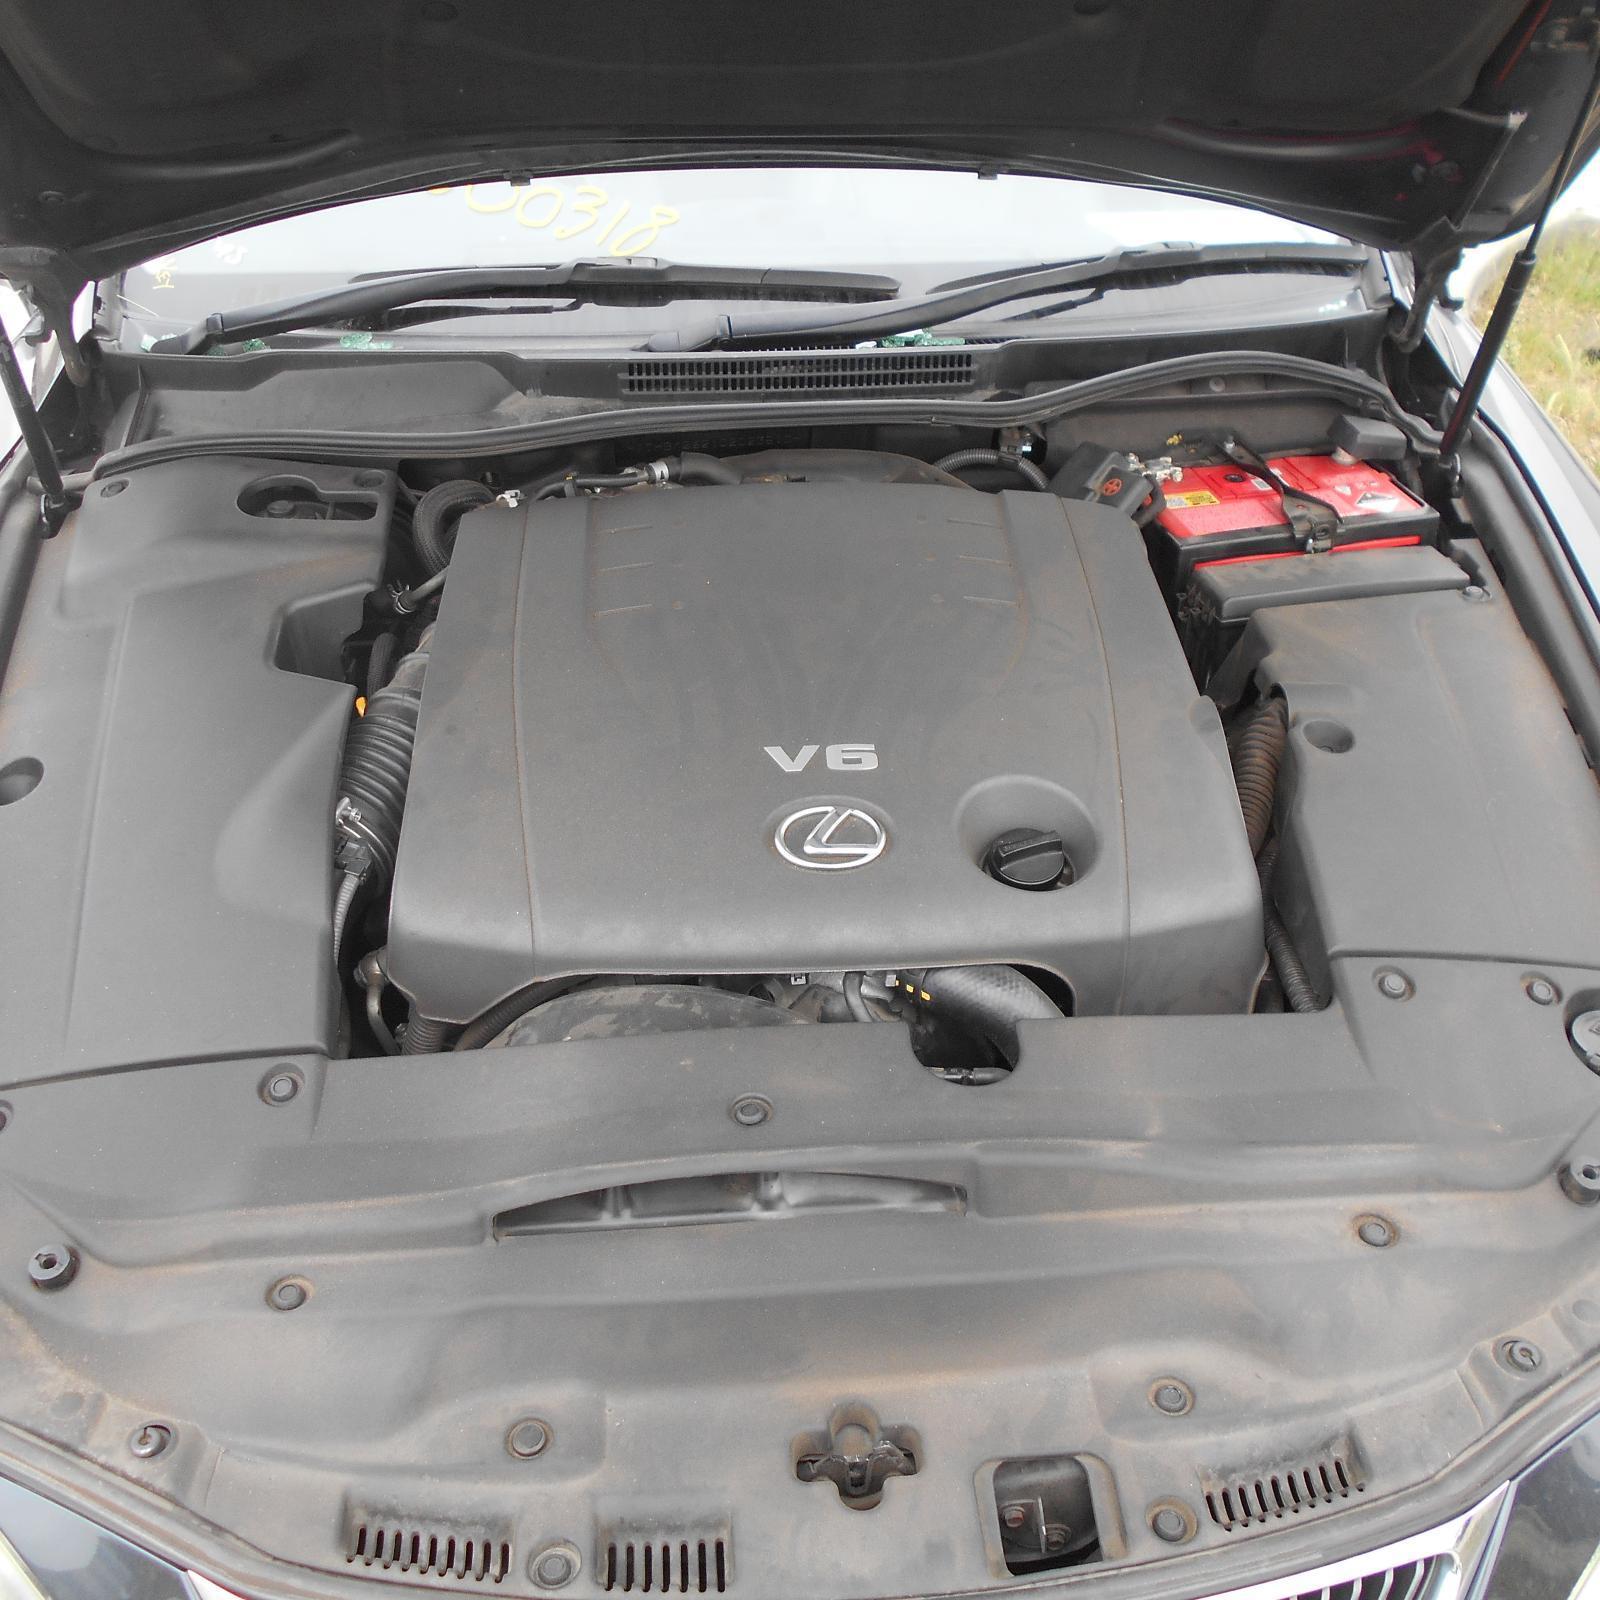 LEXUS IS250/IS250C, Engine, PETROL, 2.5, 4GR, IS250/IS250C, GSE20R, 11/05-12/14